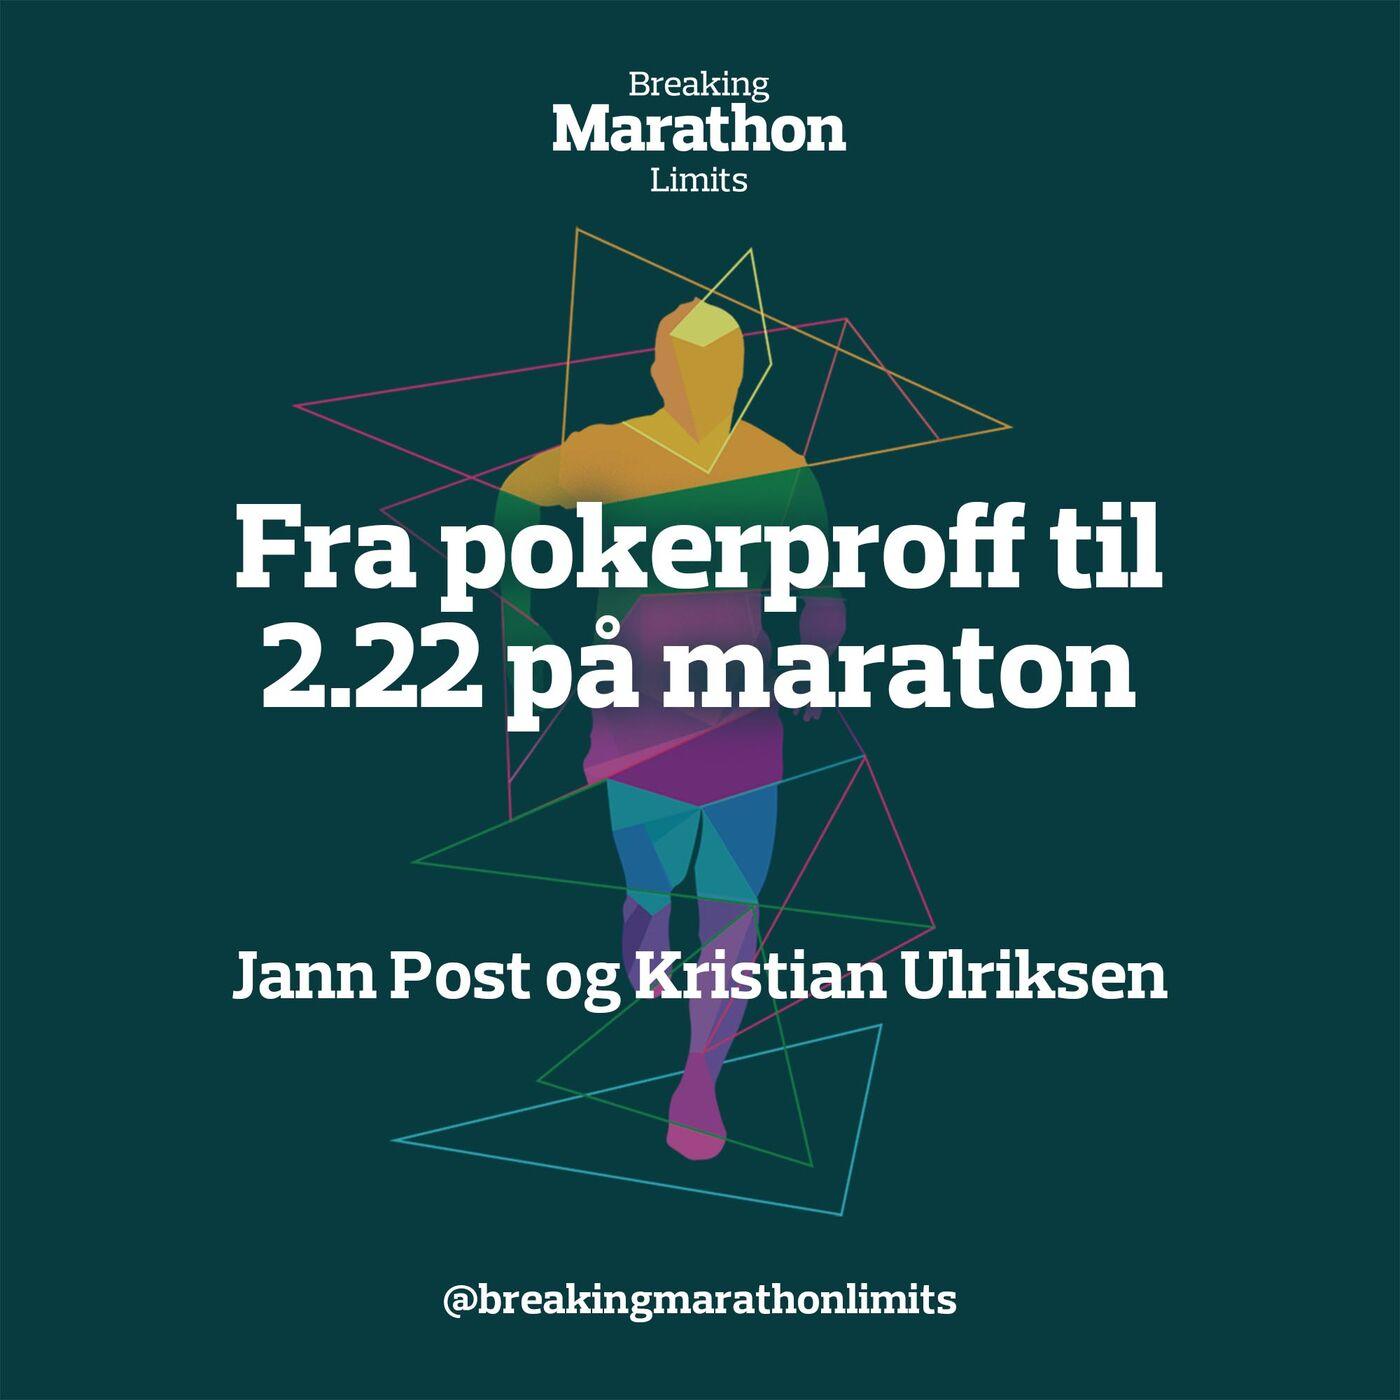 Fra pokerproff til 2.22 på maraton